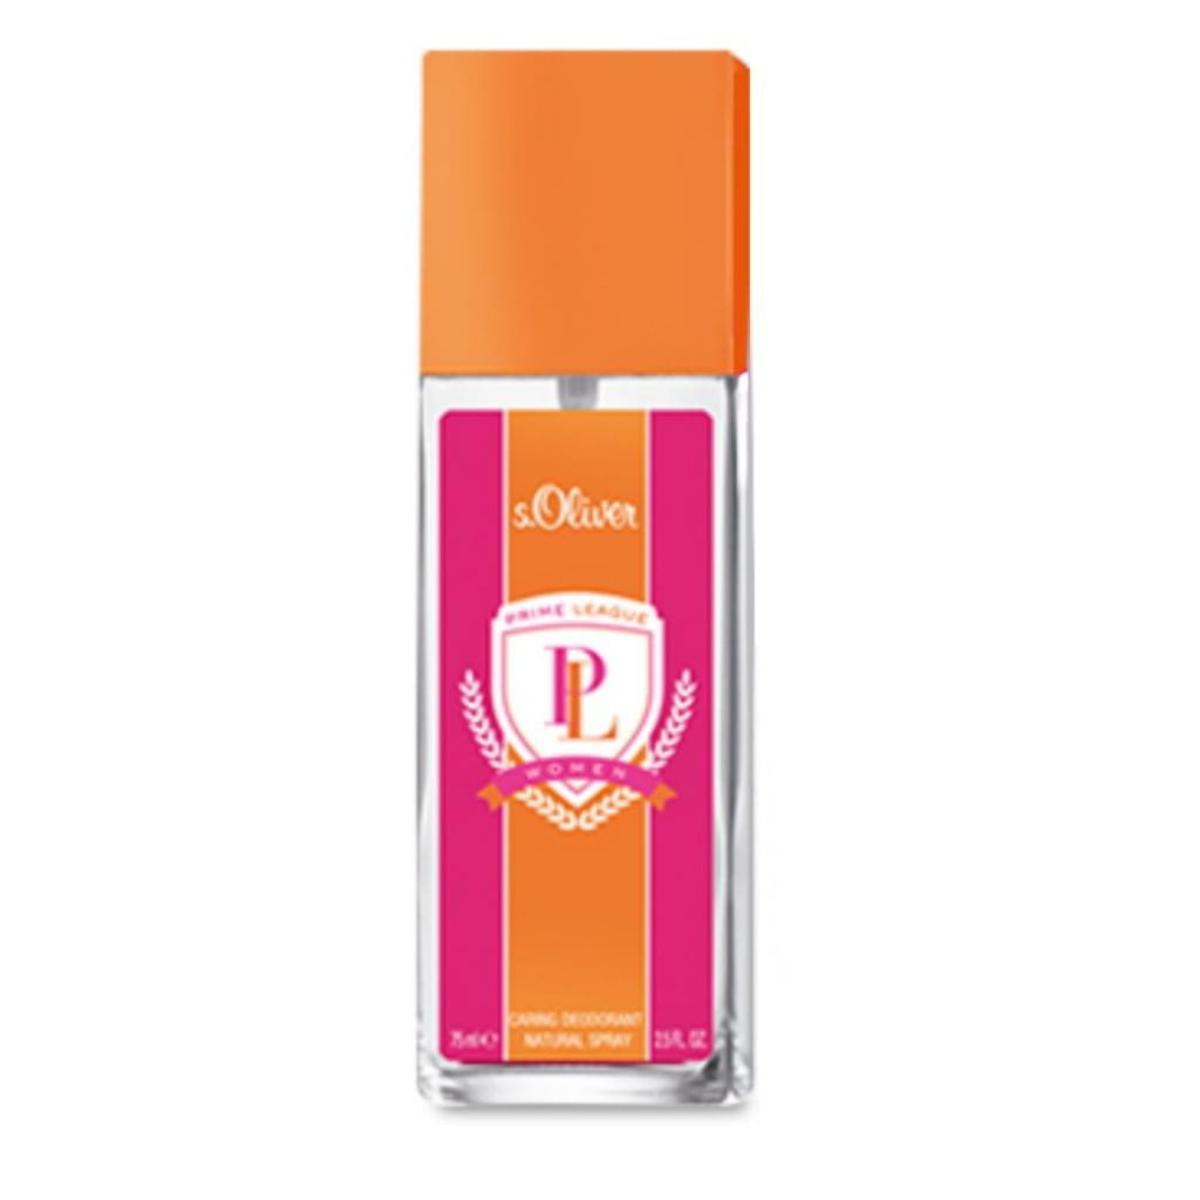 Bild 3 von s.Oliver Damen Deodorant Prime League 75 ml, Größenauswahl:75 ml